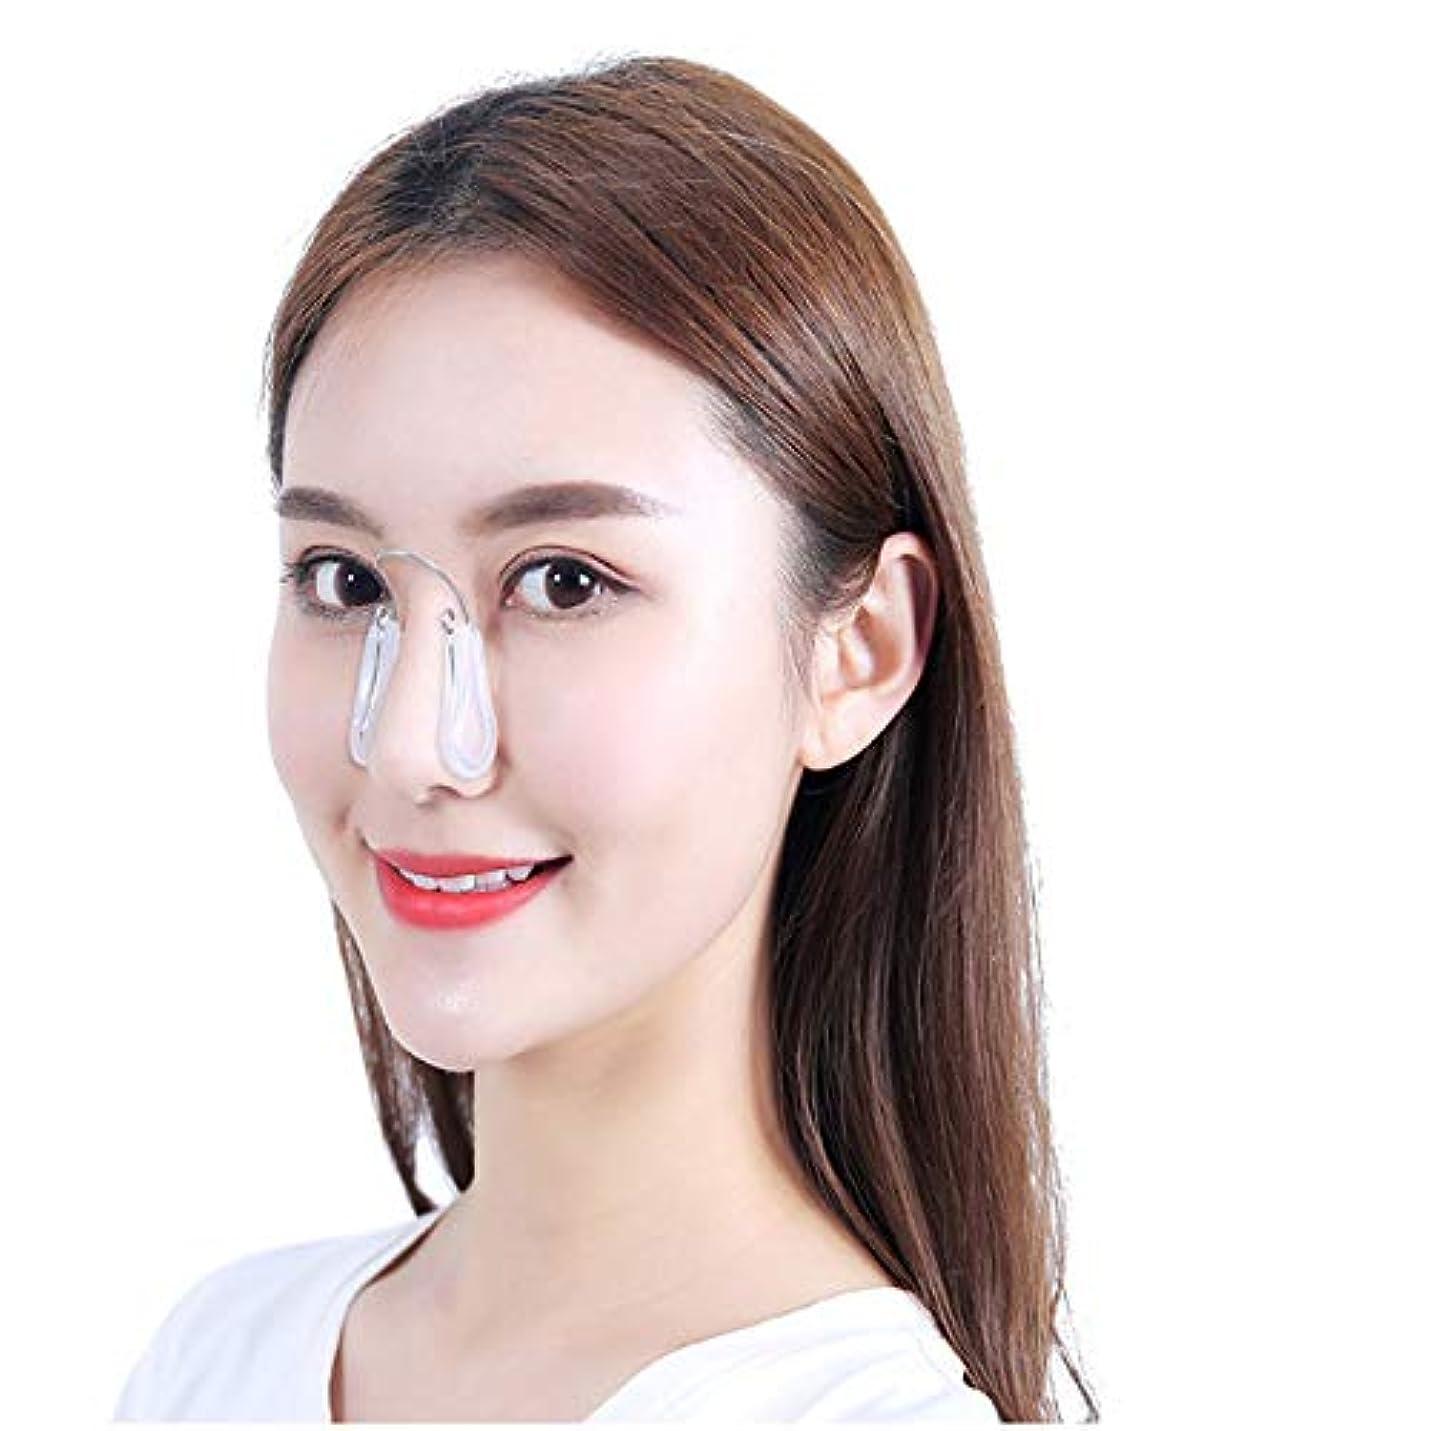 芽精通したオーラルGOIOD 美鼻ケア 鼻 人工鼻 増強美容 鼻のデバイスシリコンクリップ 鼻筋矯正 簡単美鼻ケア